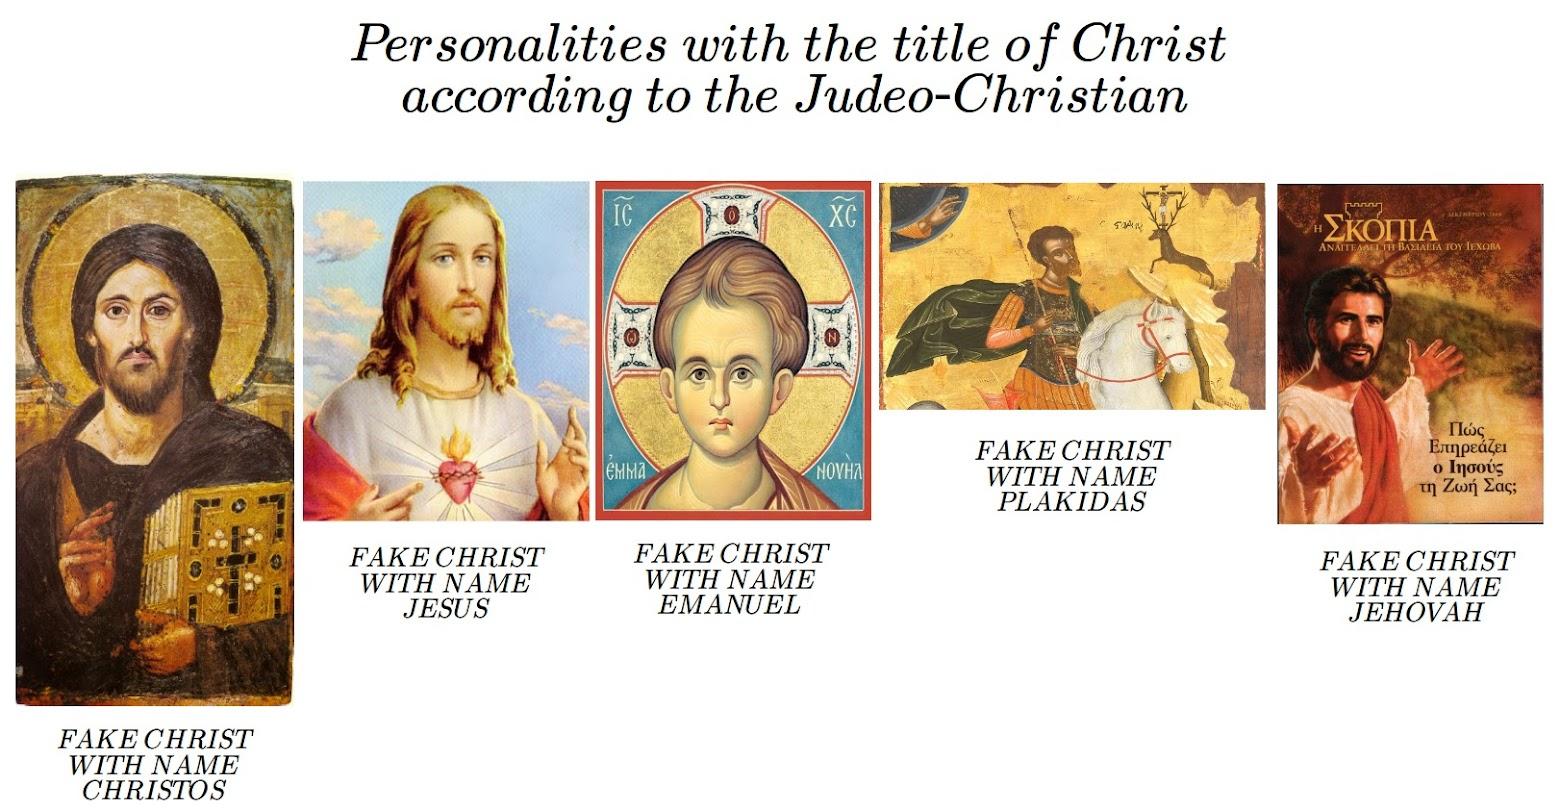 Ψευδείς χριστοί της ιστορίας, fake christs according to judeo christian.